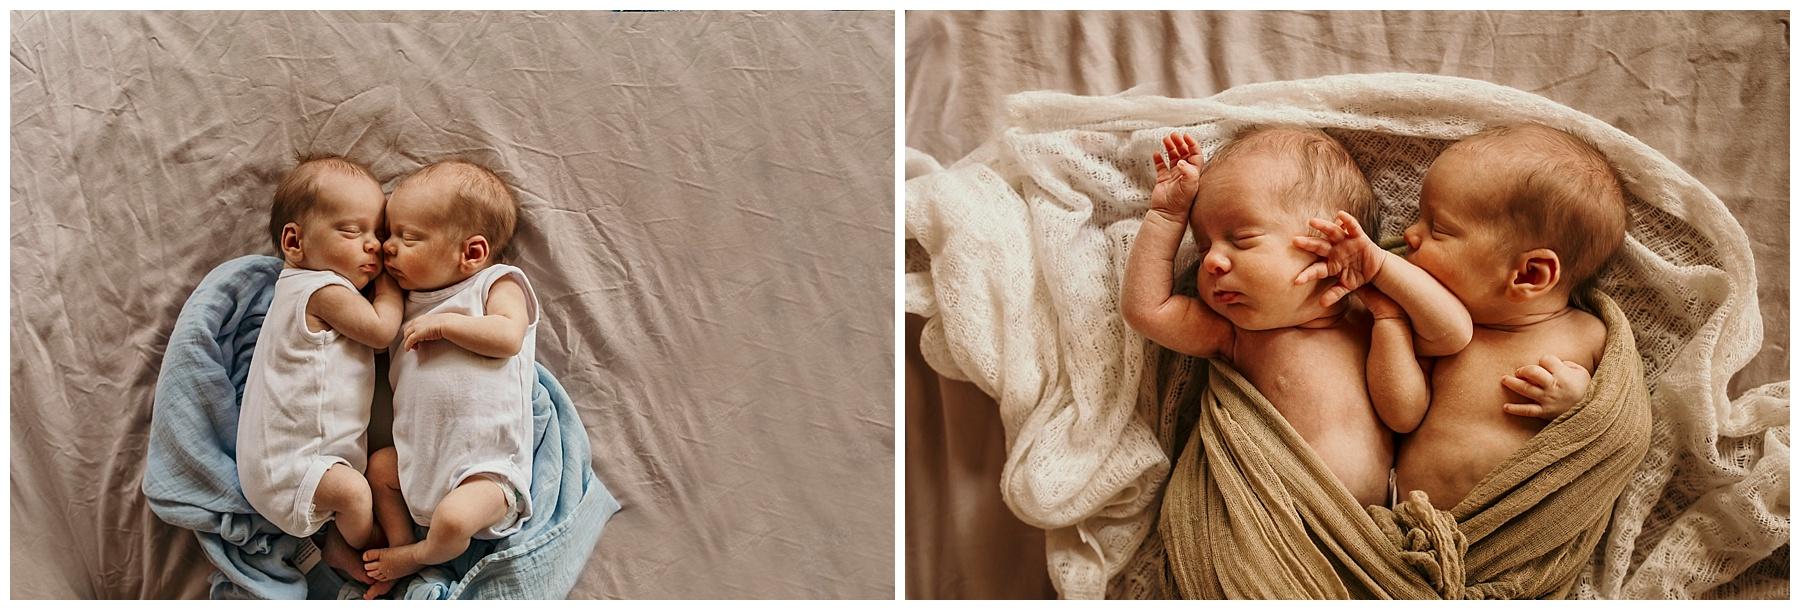 inverloch newborn photographer - twins - details